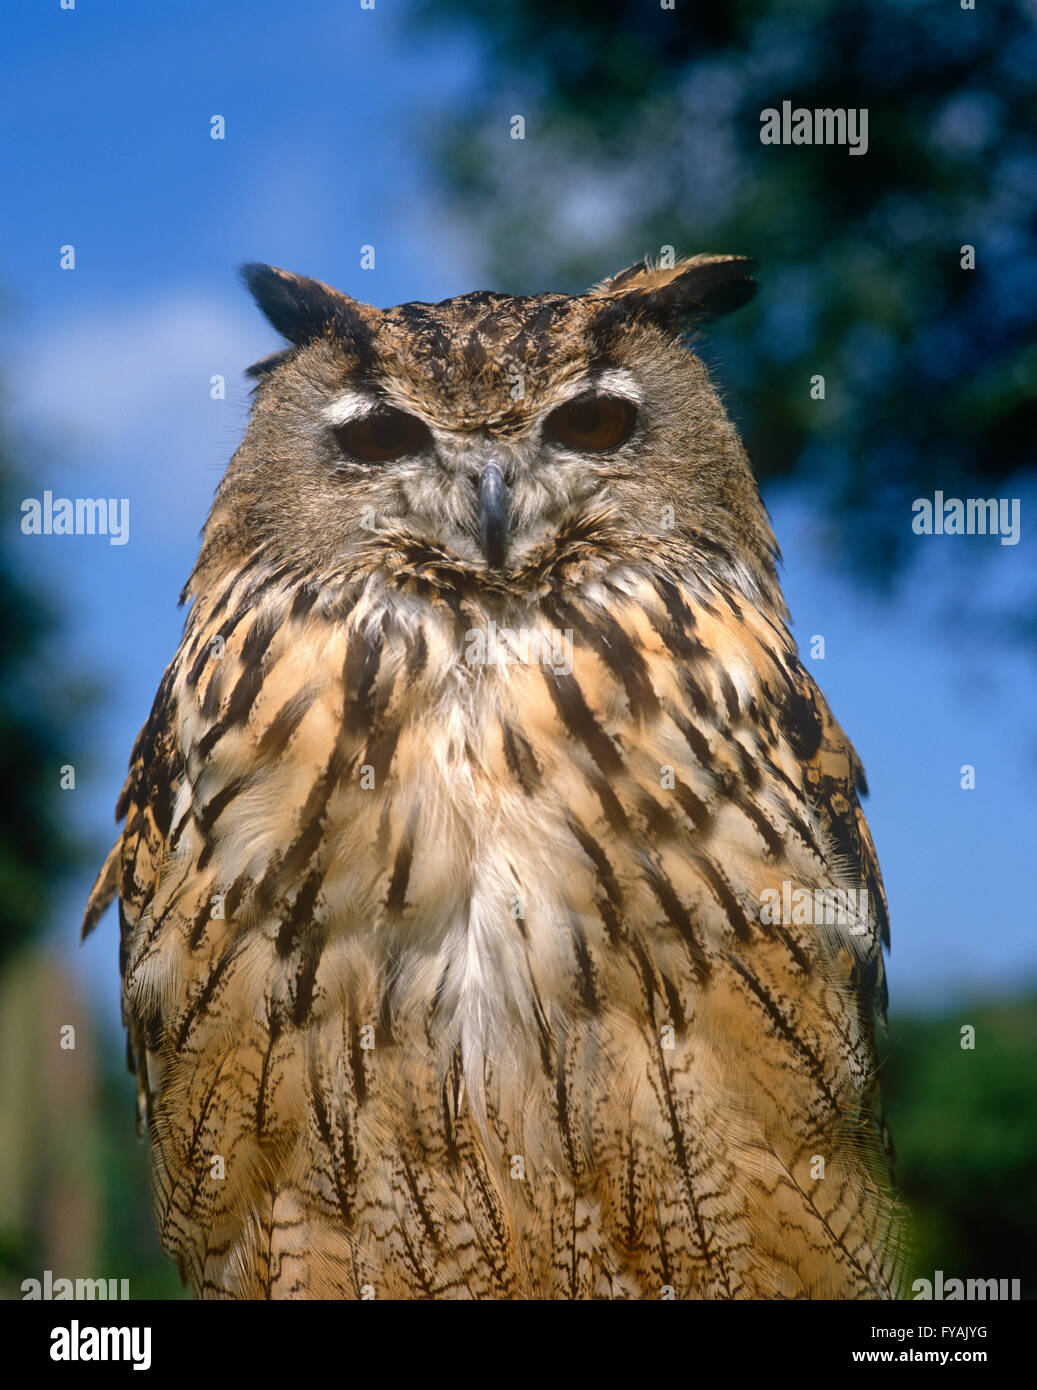 Owl les yeux dans la caméra, à l'extérieur. Banque D'Images